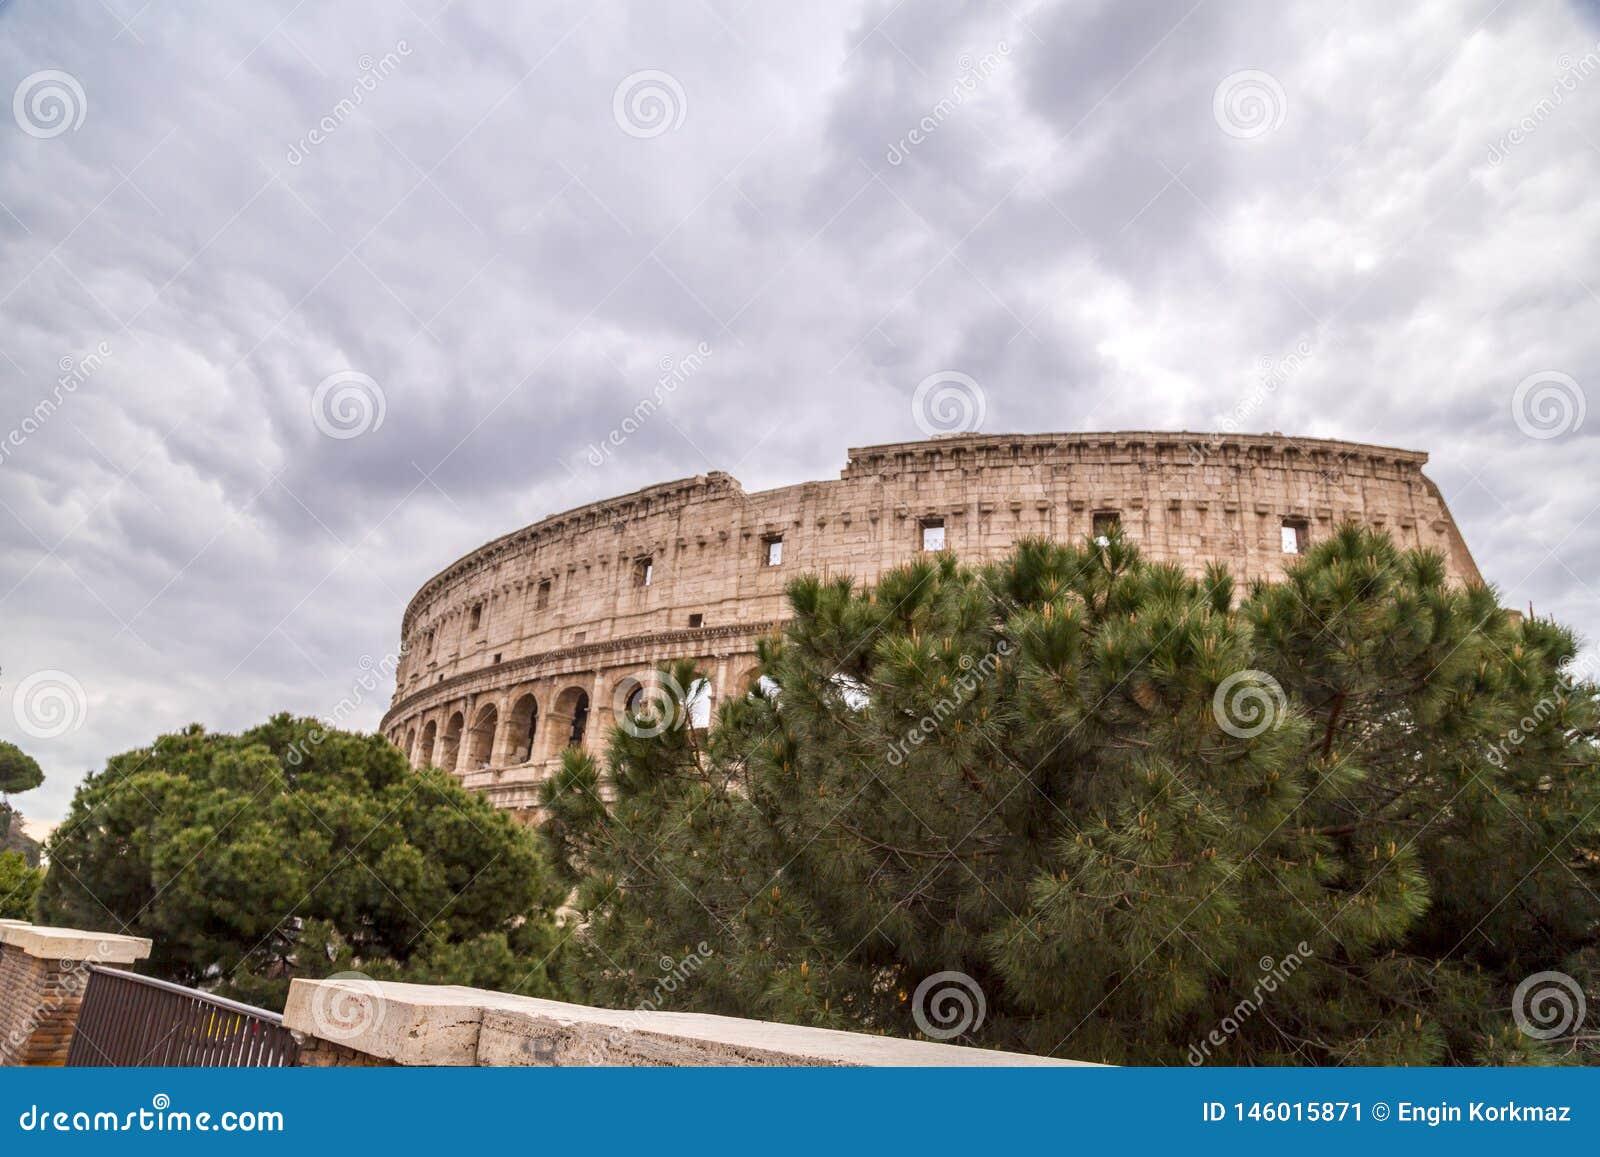 Εξωτερική άποψη του αρχαίου ρωμαϊκού Colloseum στη Ρώμη